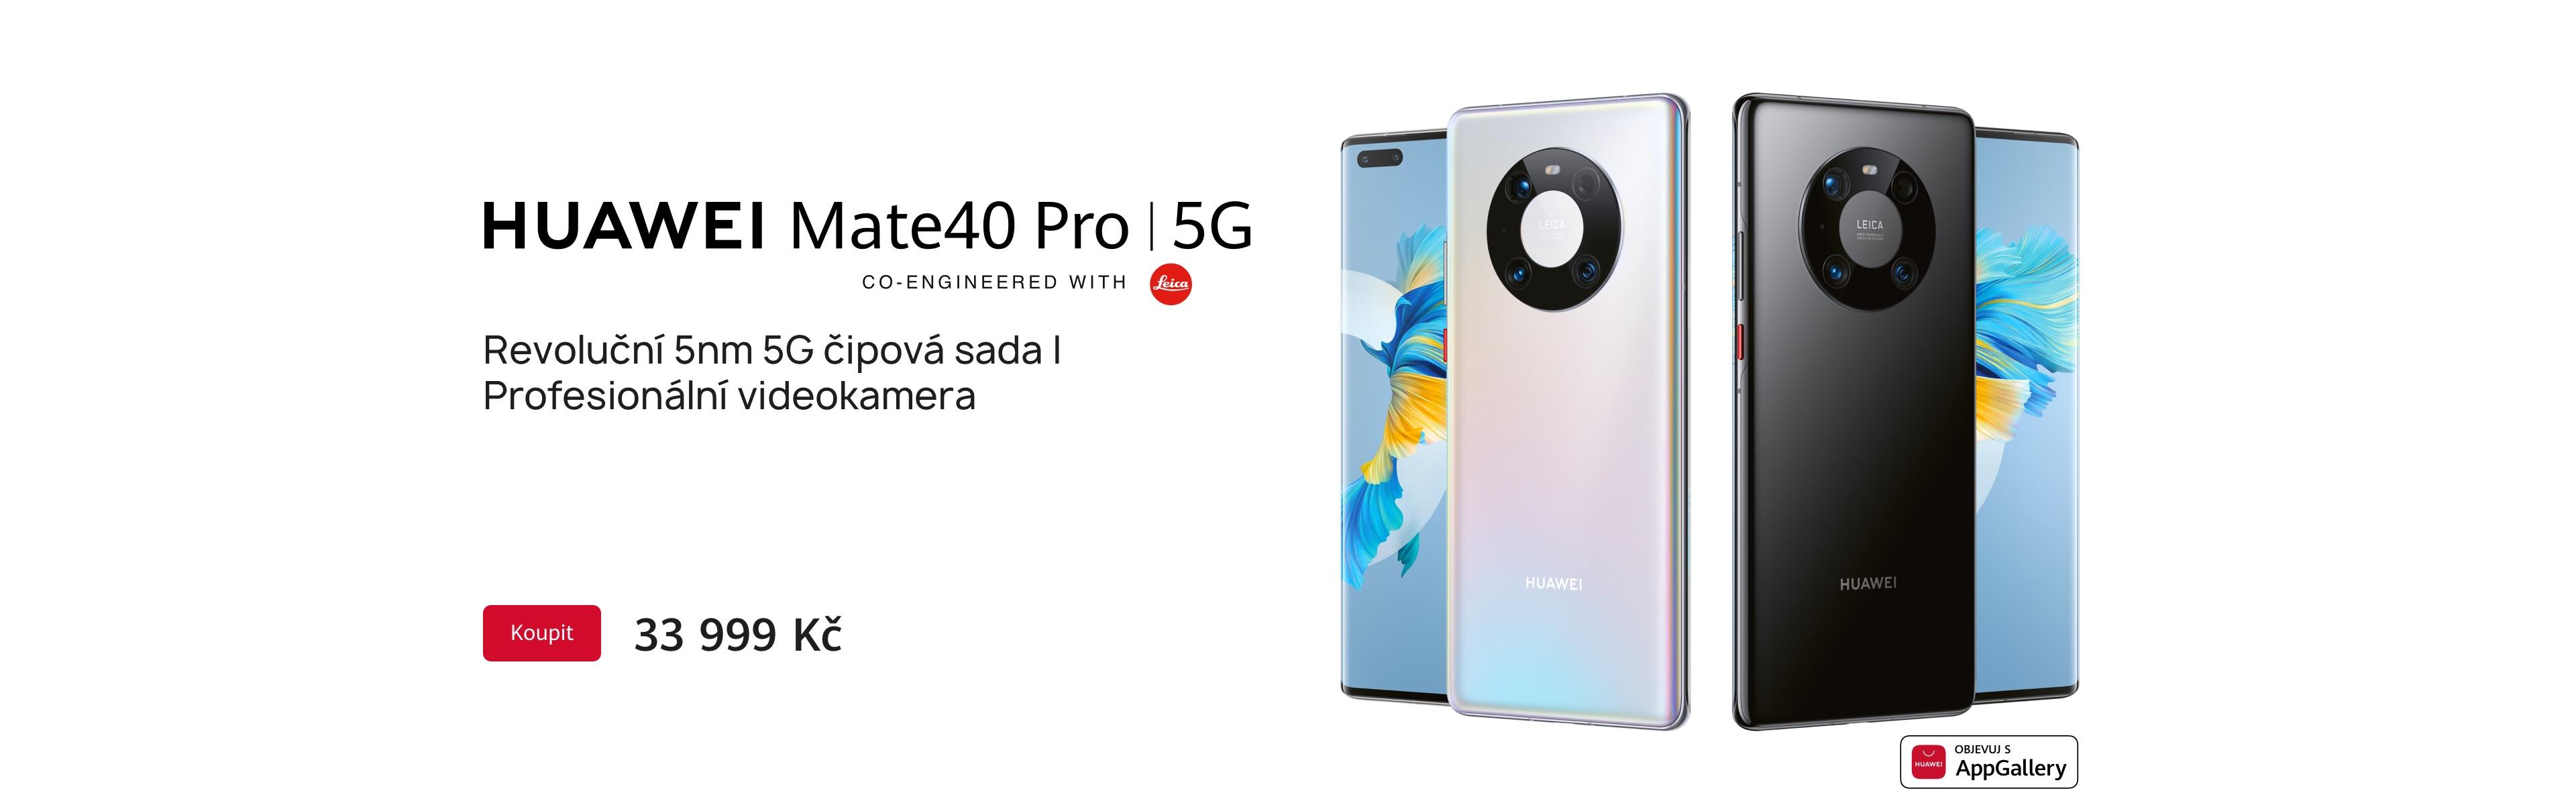 mate-40-pro